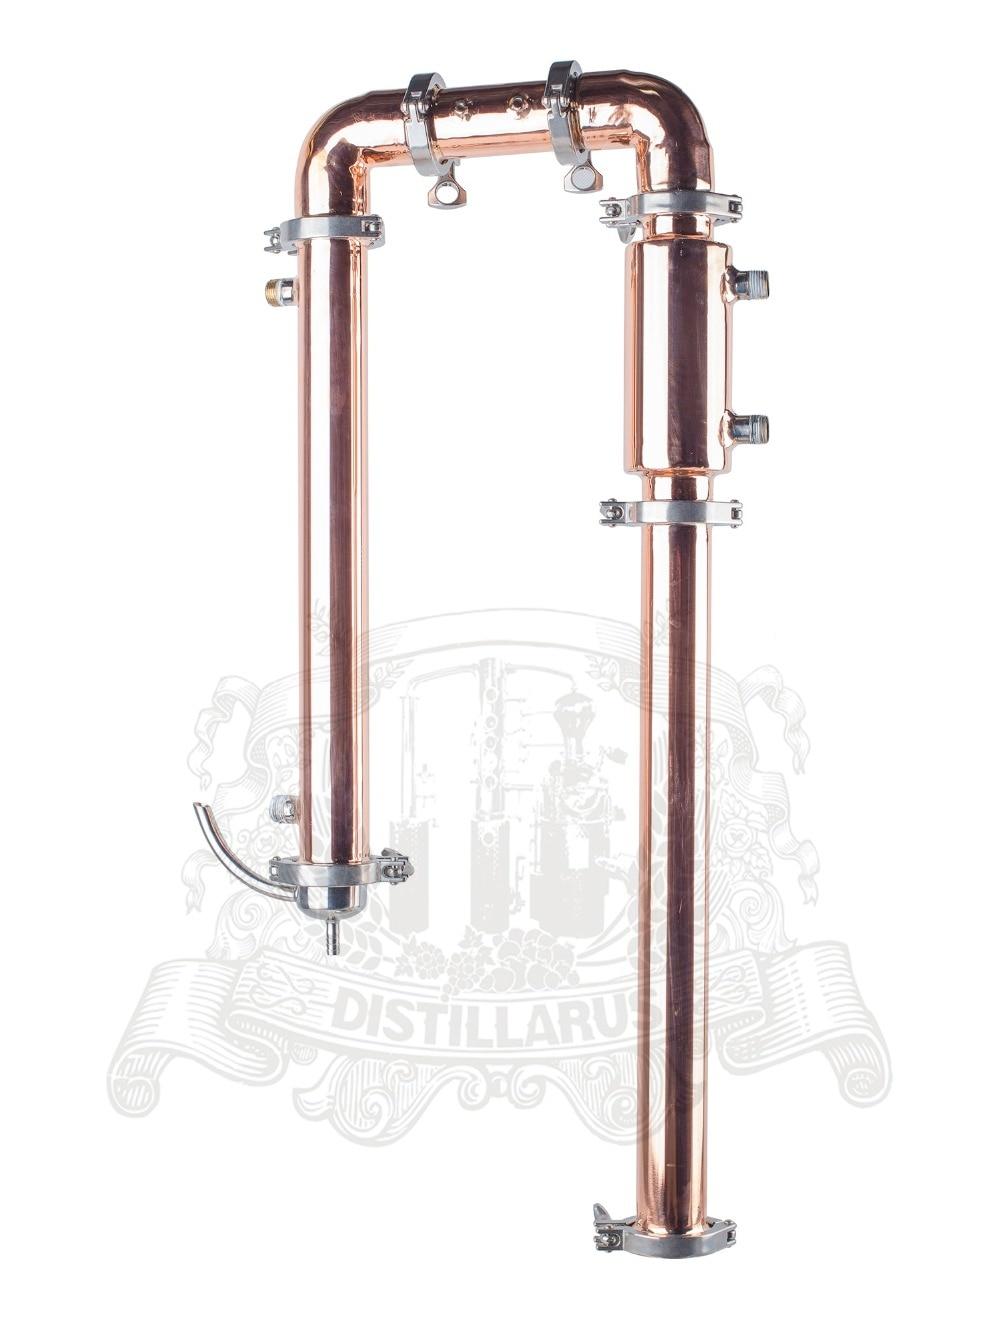 NEW Copper People's distiller Antonich 2.0 C diameter 2 (51mm)